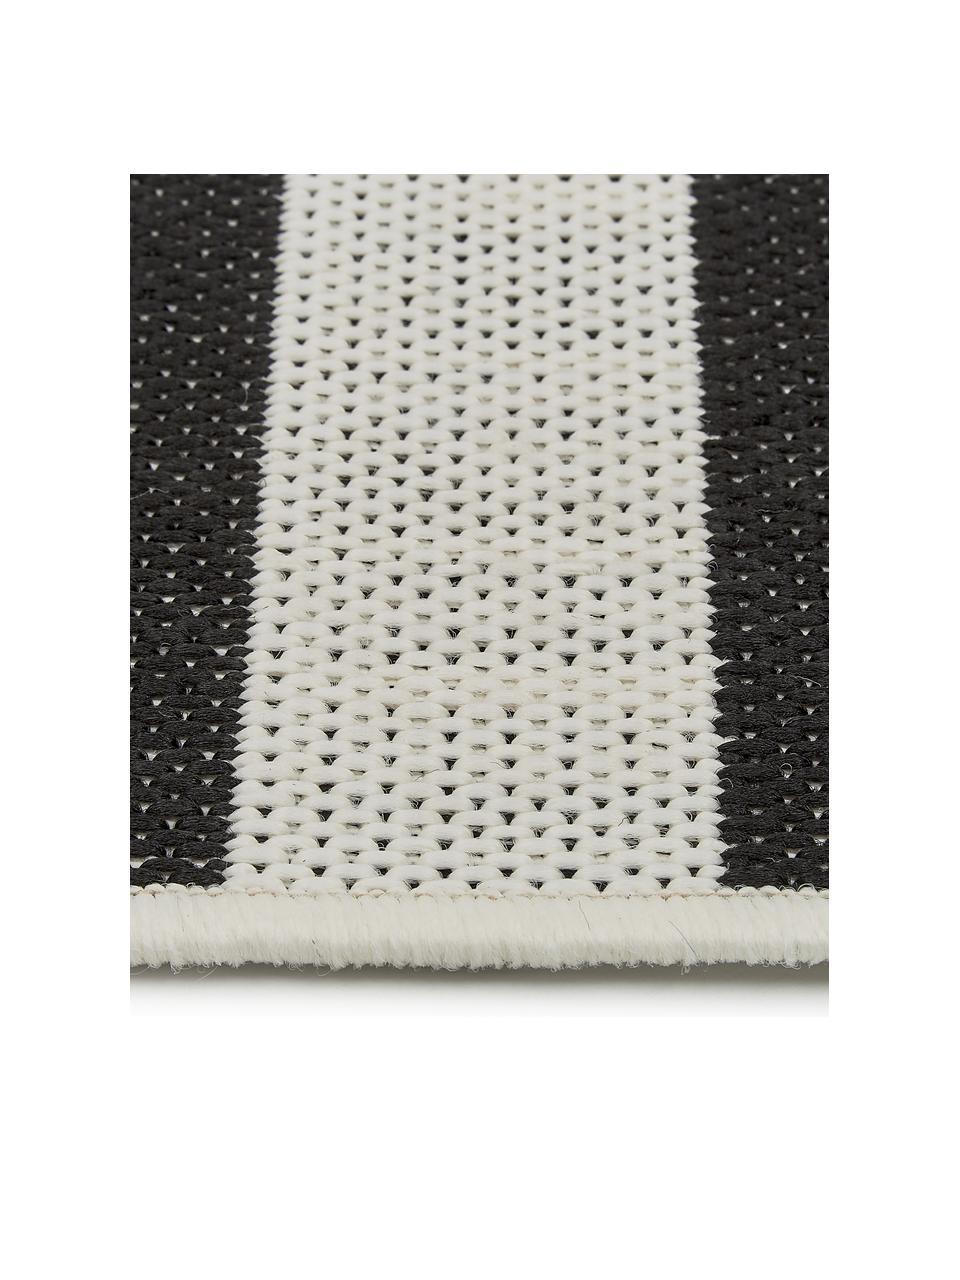 Gestreifter In- & Outdoor-Läufer Axa in Schwarz/Weiß, 86% Polypropylen, 14% Polyester, Cremeweiß, Schwarz, 80 x 250 cm